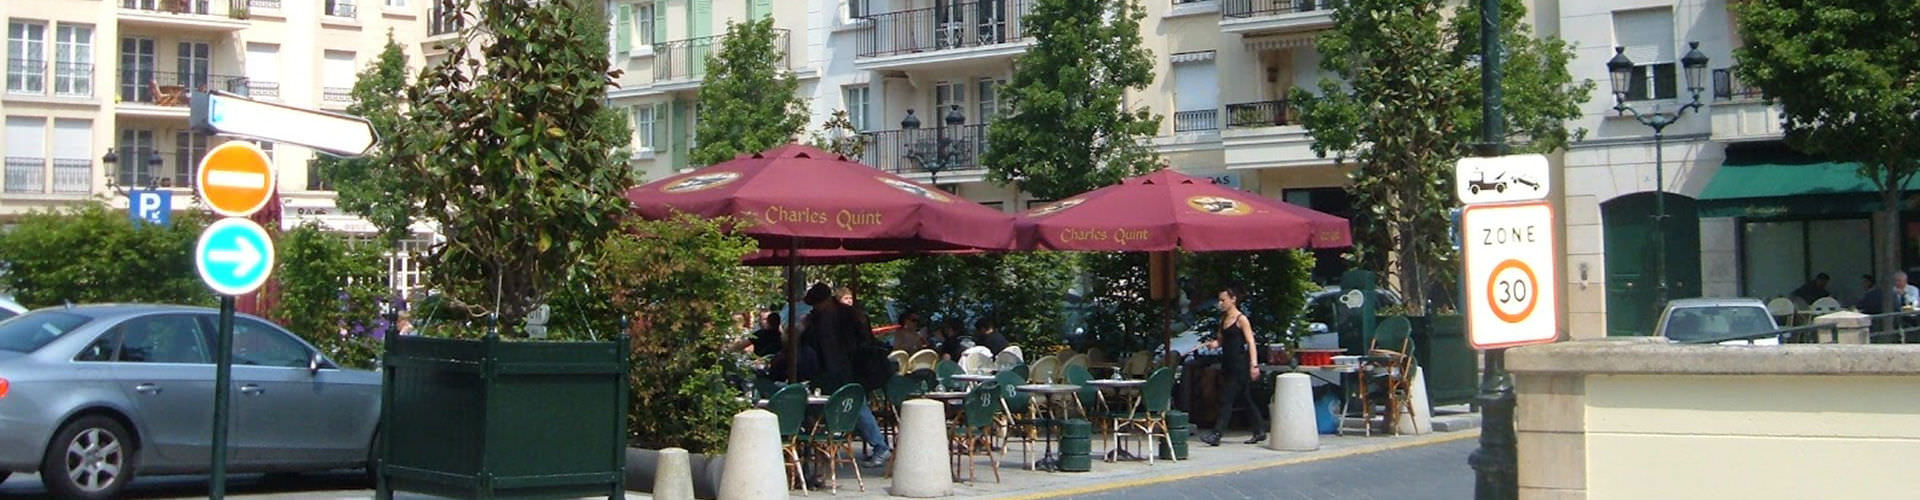 Nizza – Ostelli nella Cuore della città zona. Mappe per Nizza, Foto e Recensioni per ogni ostello a Nizza.